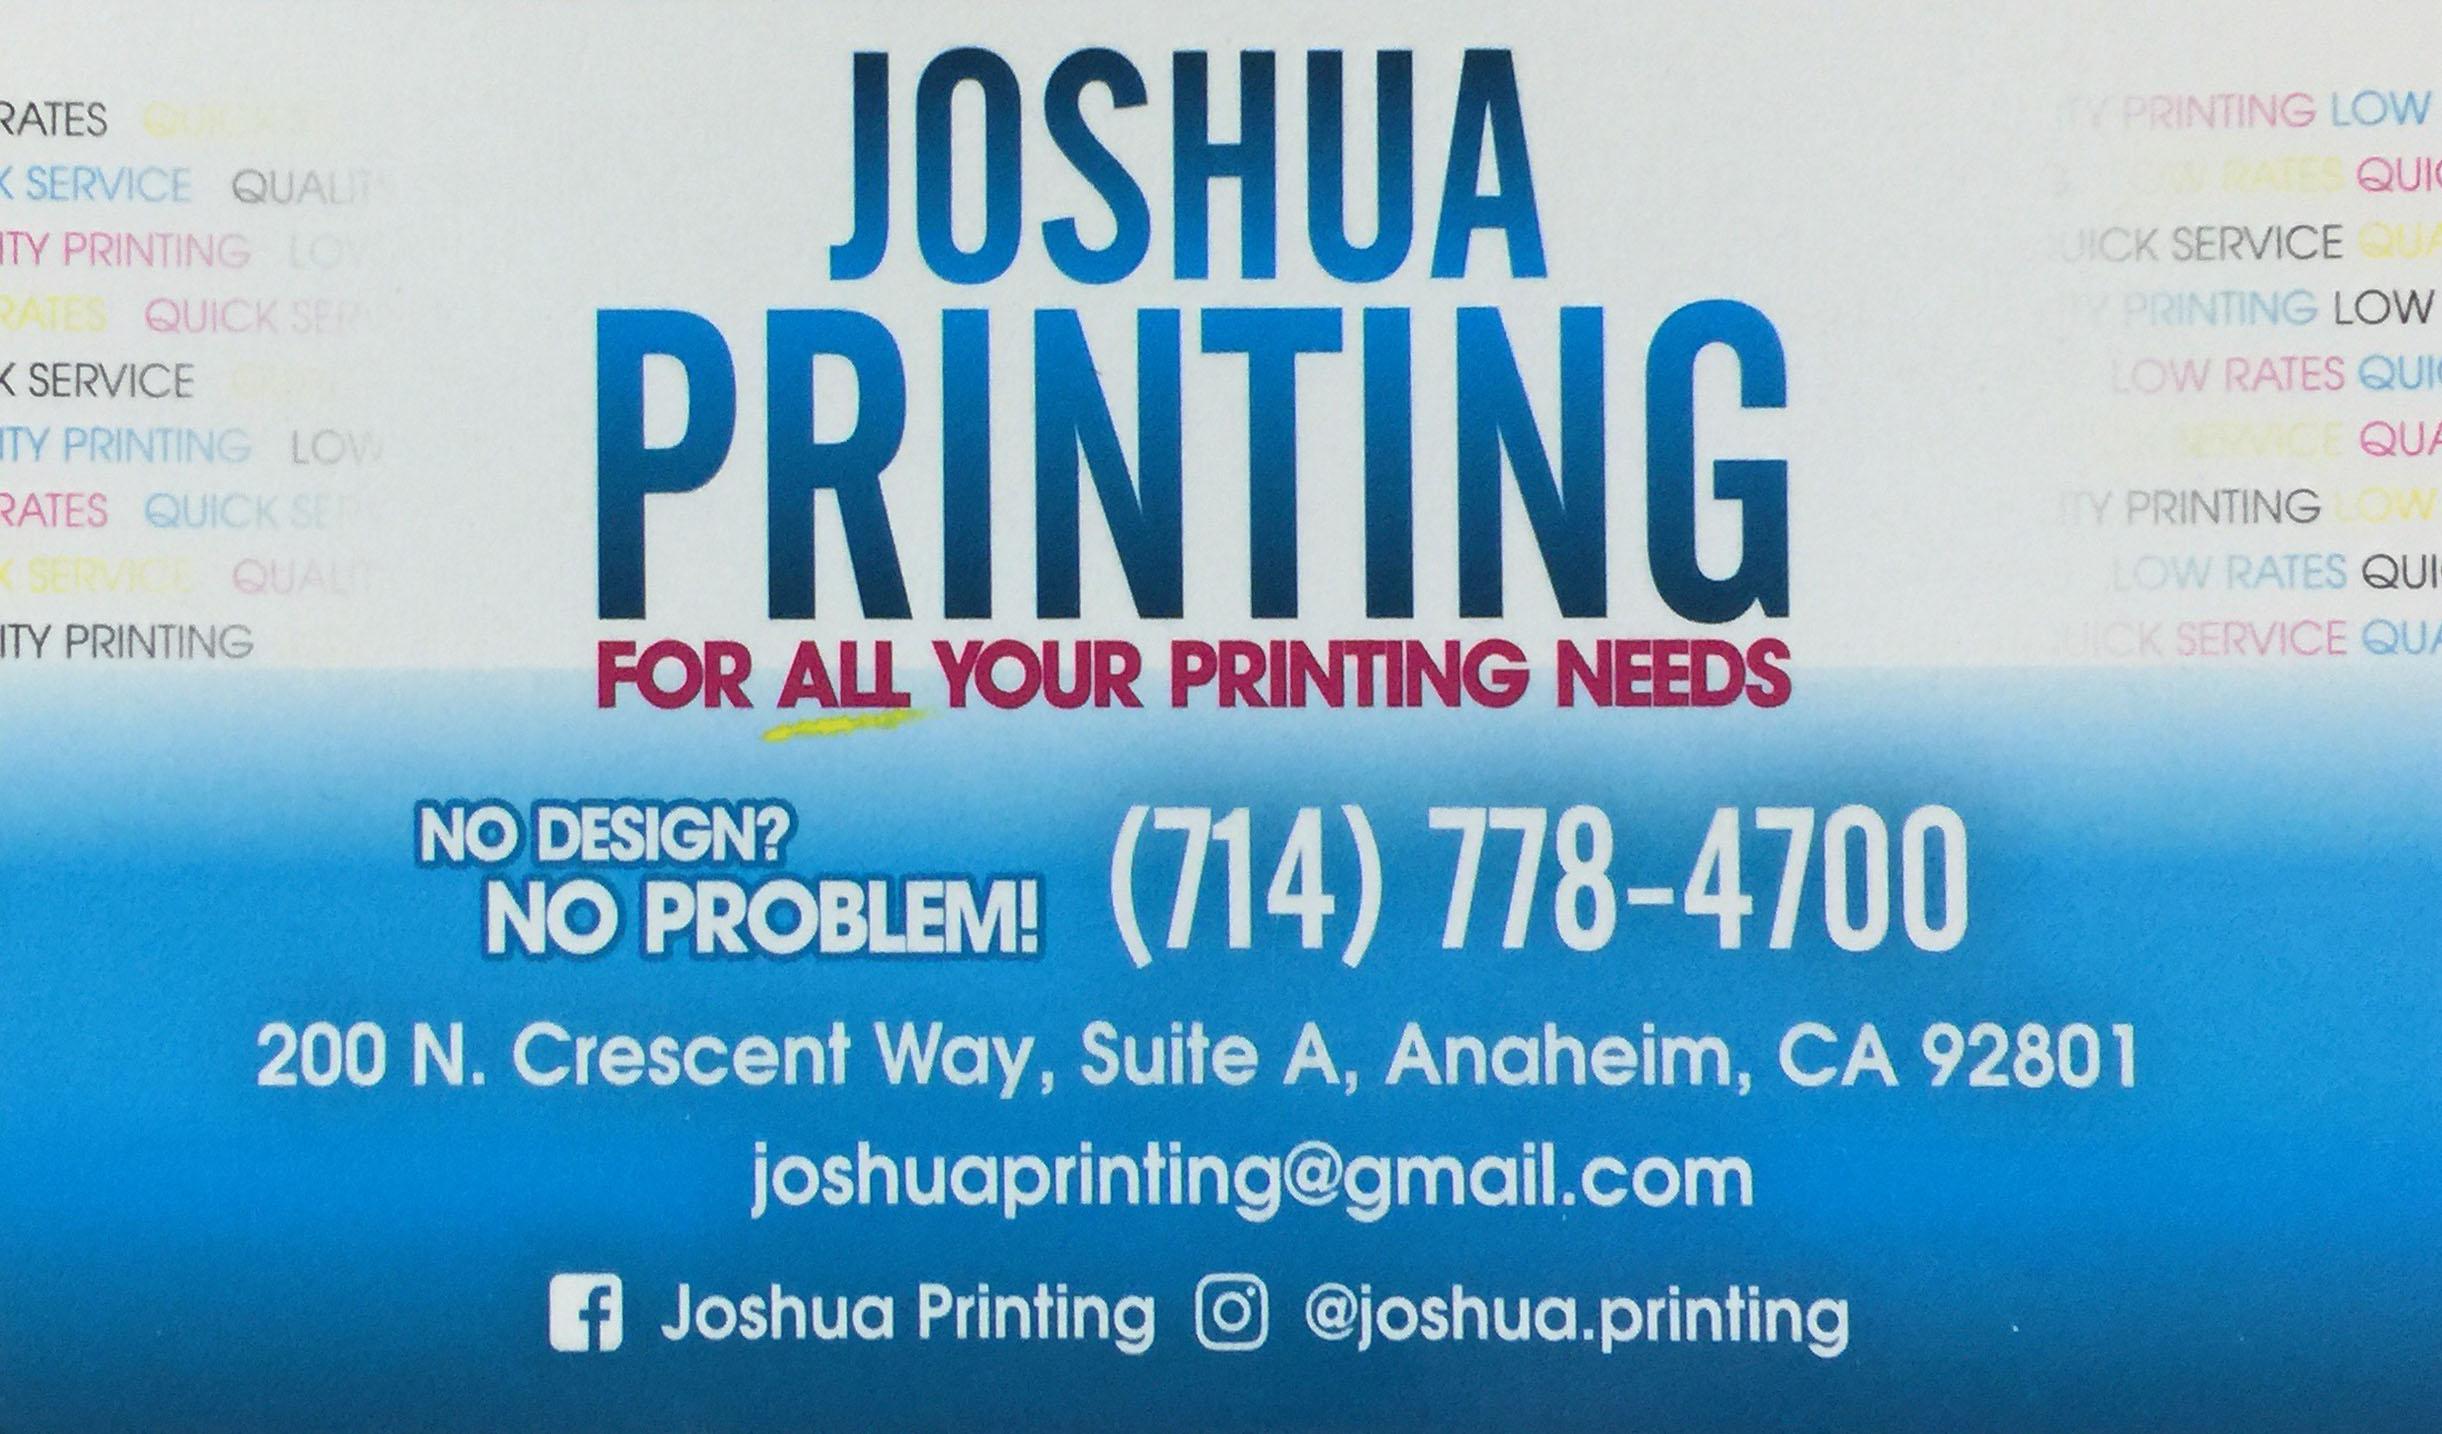 Joshua Printing